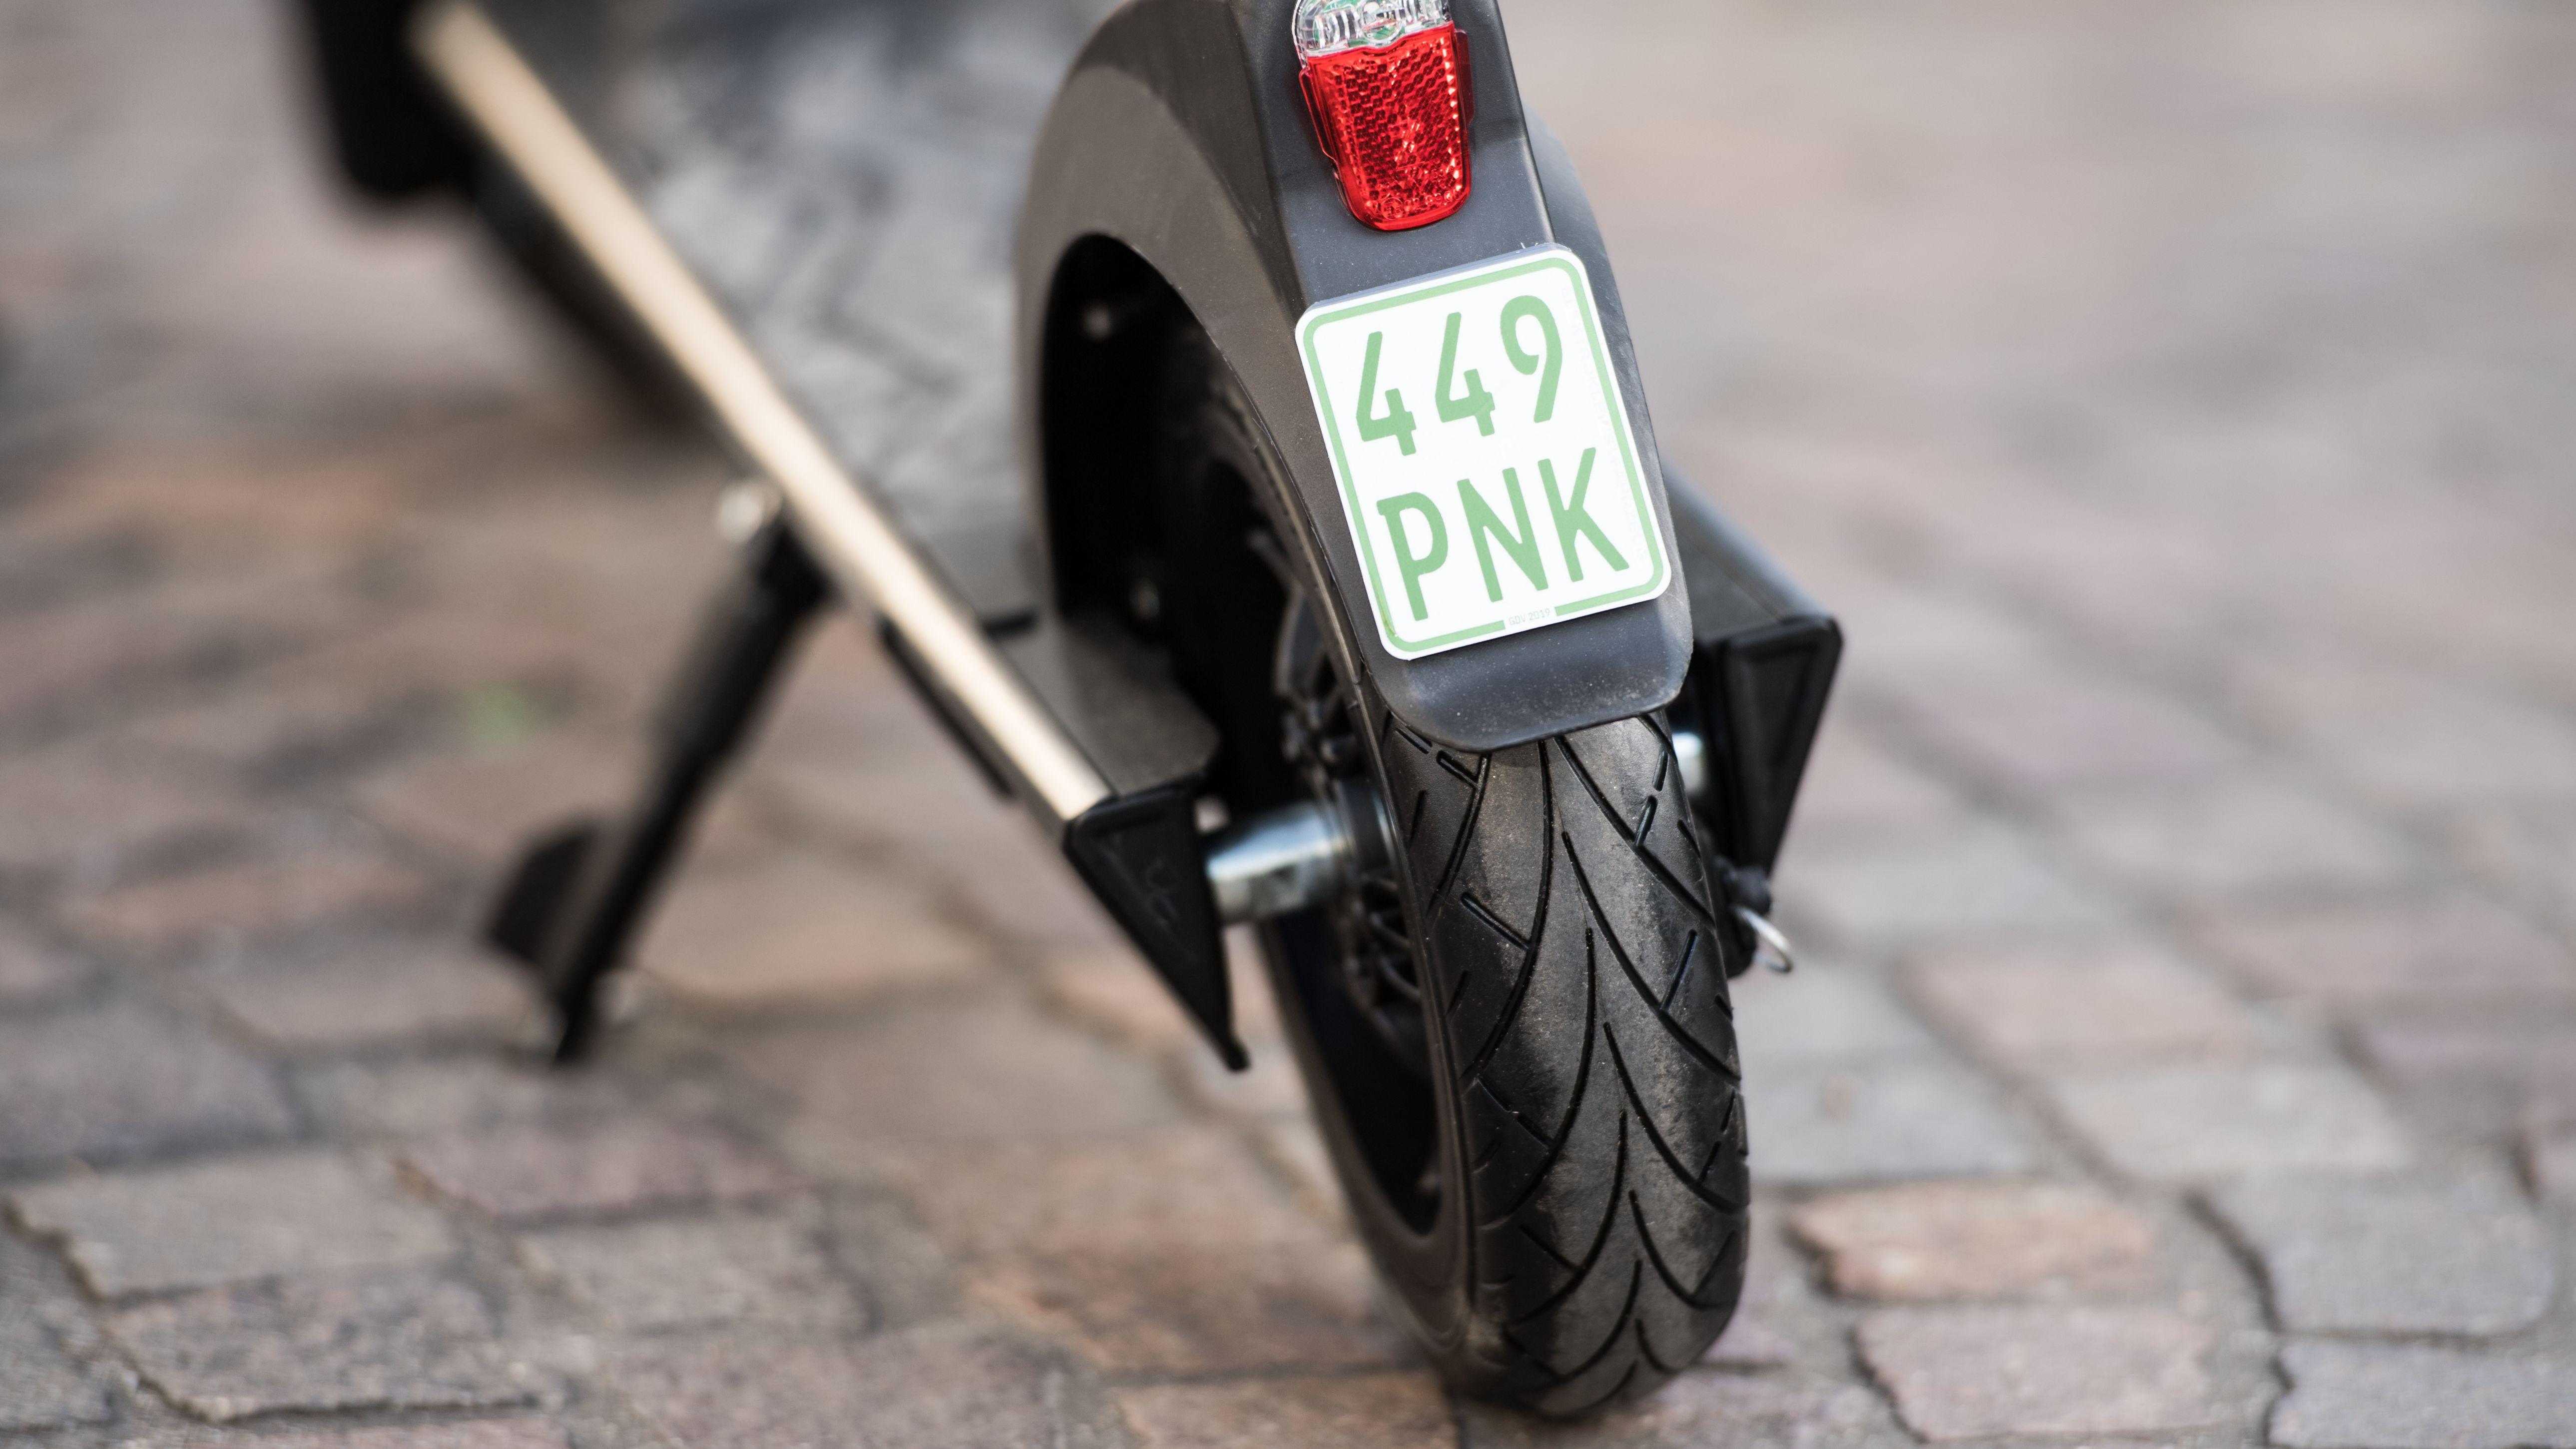 Die neuen Versicherungskennzeichen für E-Scooter bzw E-Tretroller sind grün und klein